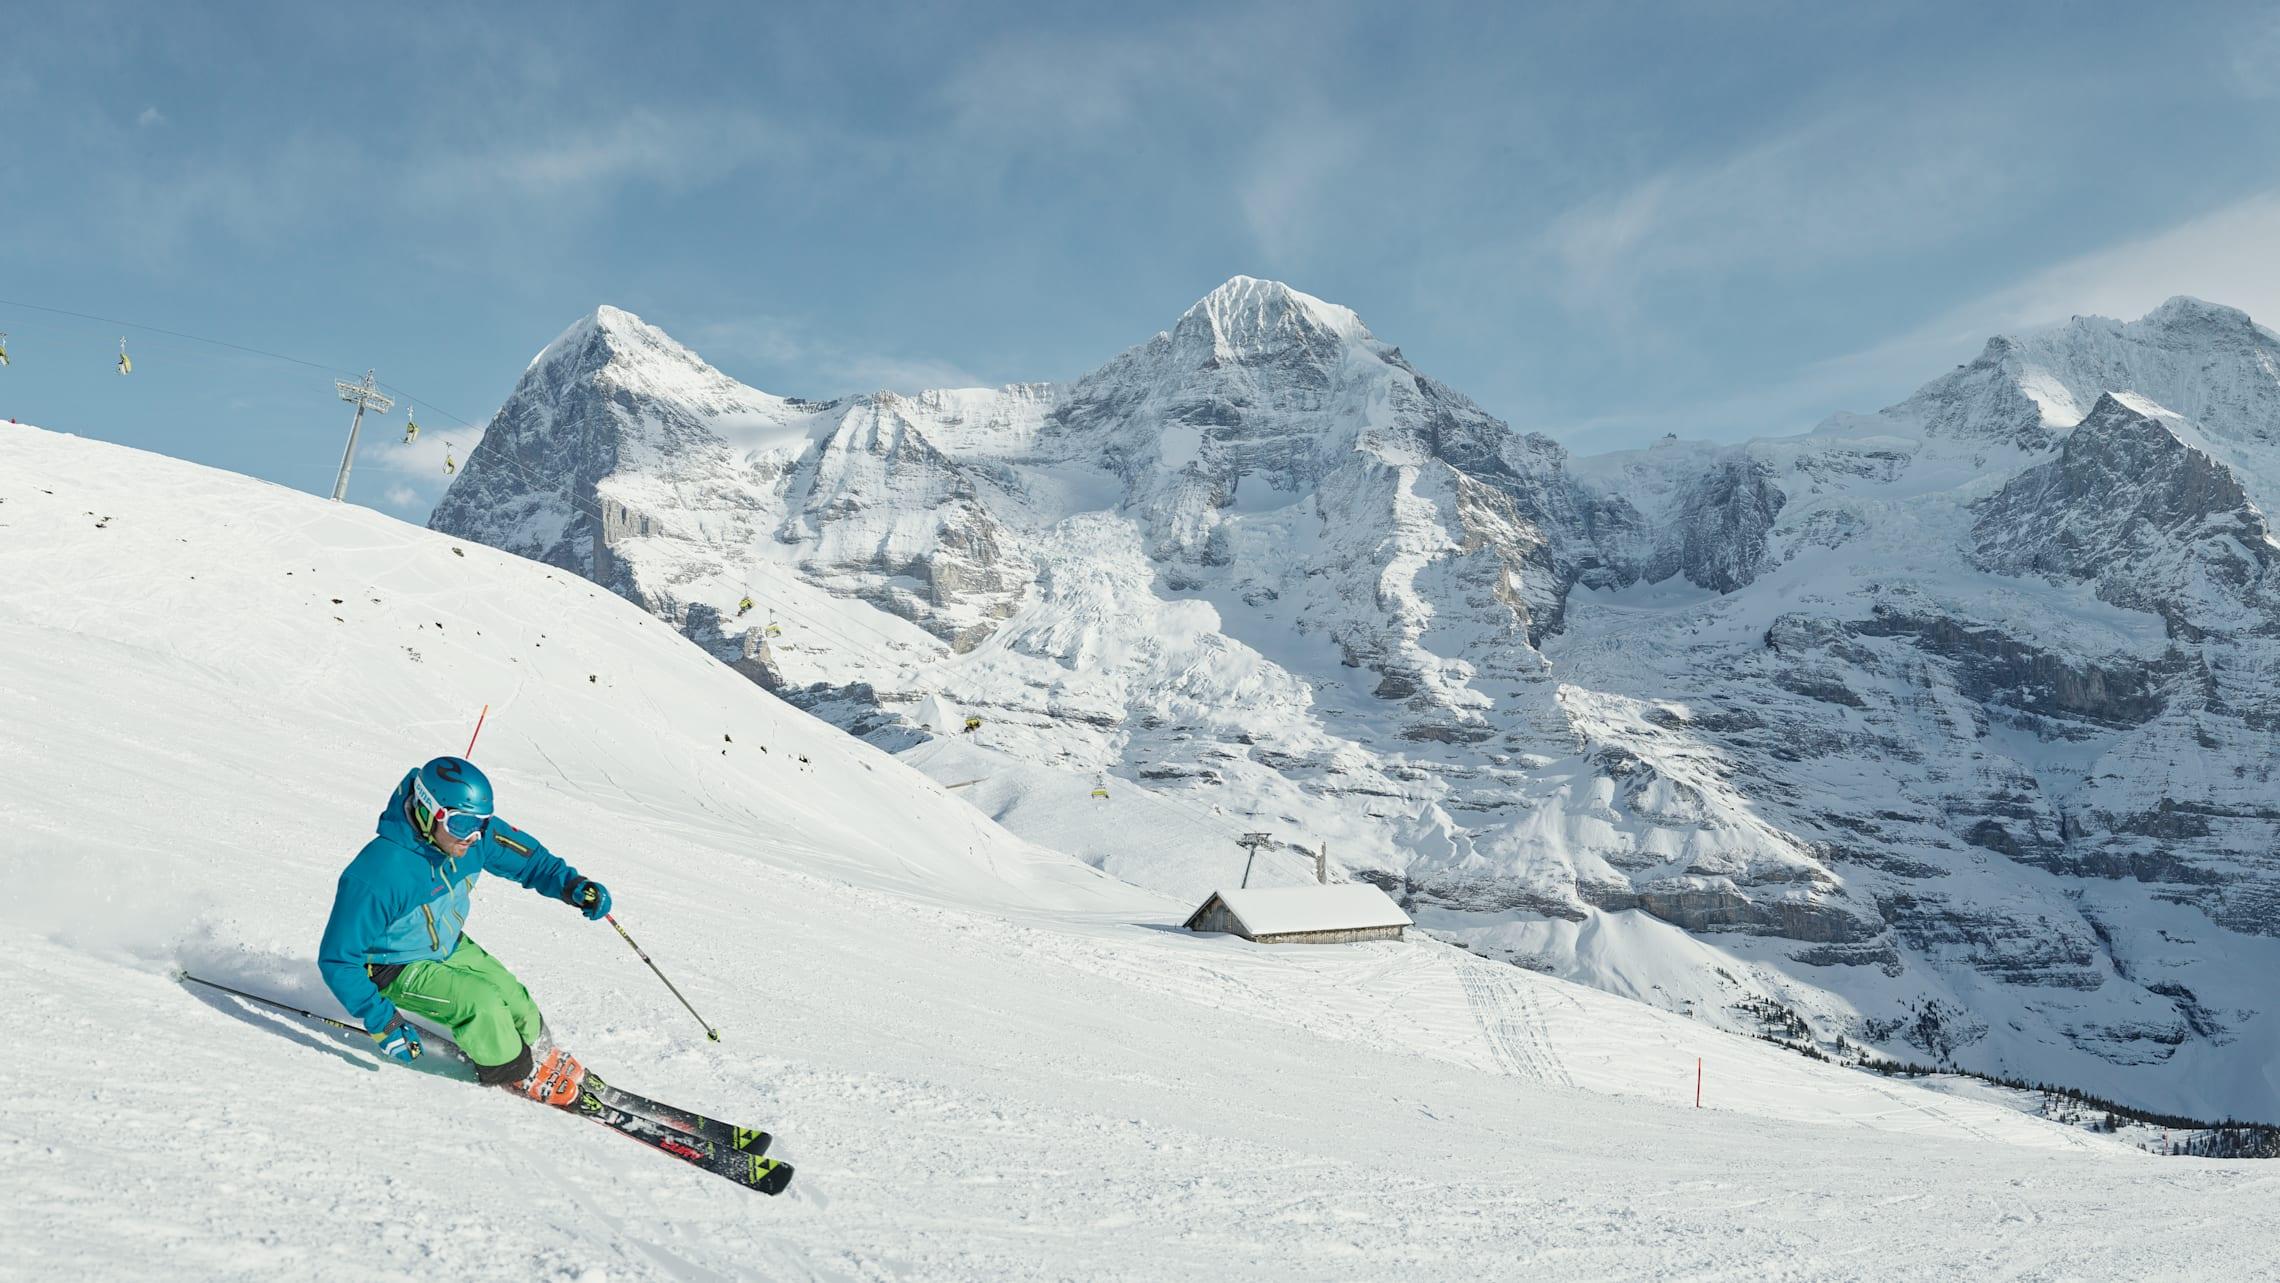 Kleine Scheidegg skiing Lauberhorn Eiger Moench Jungfrau